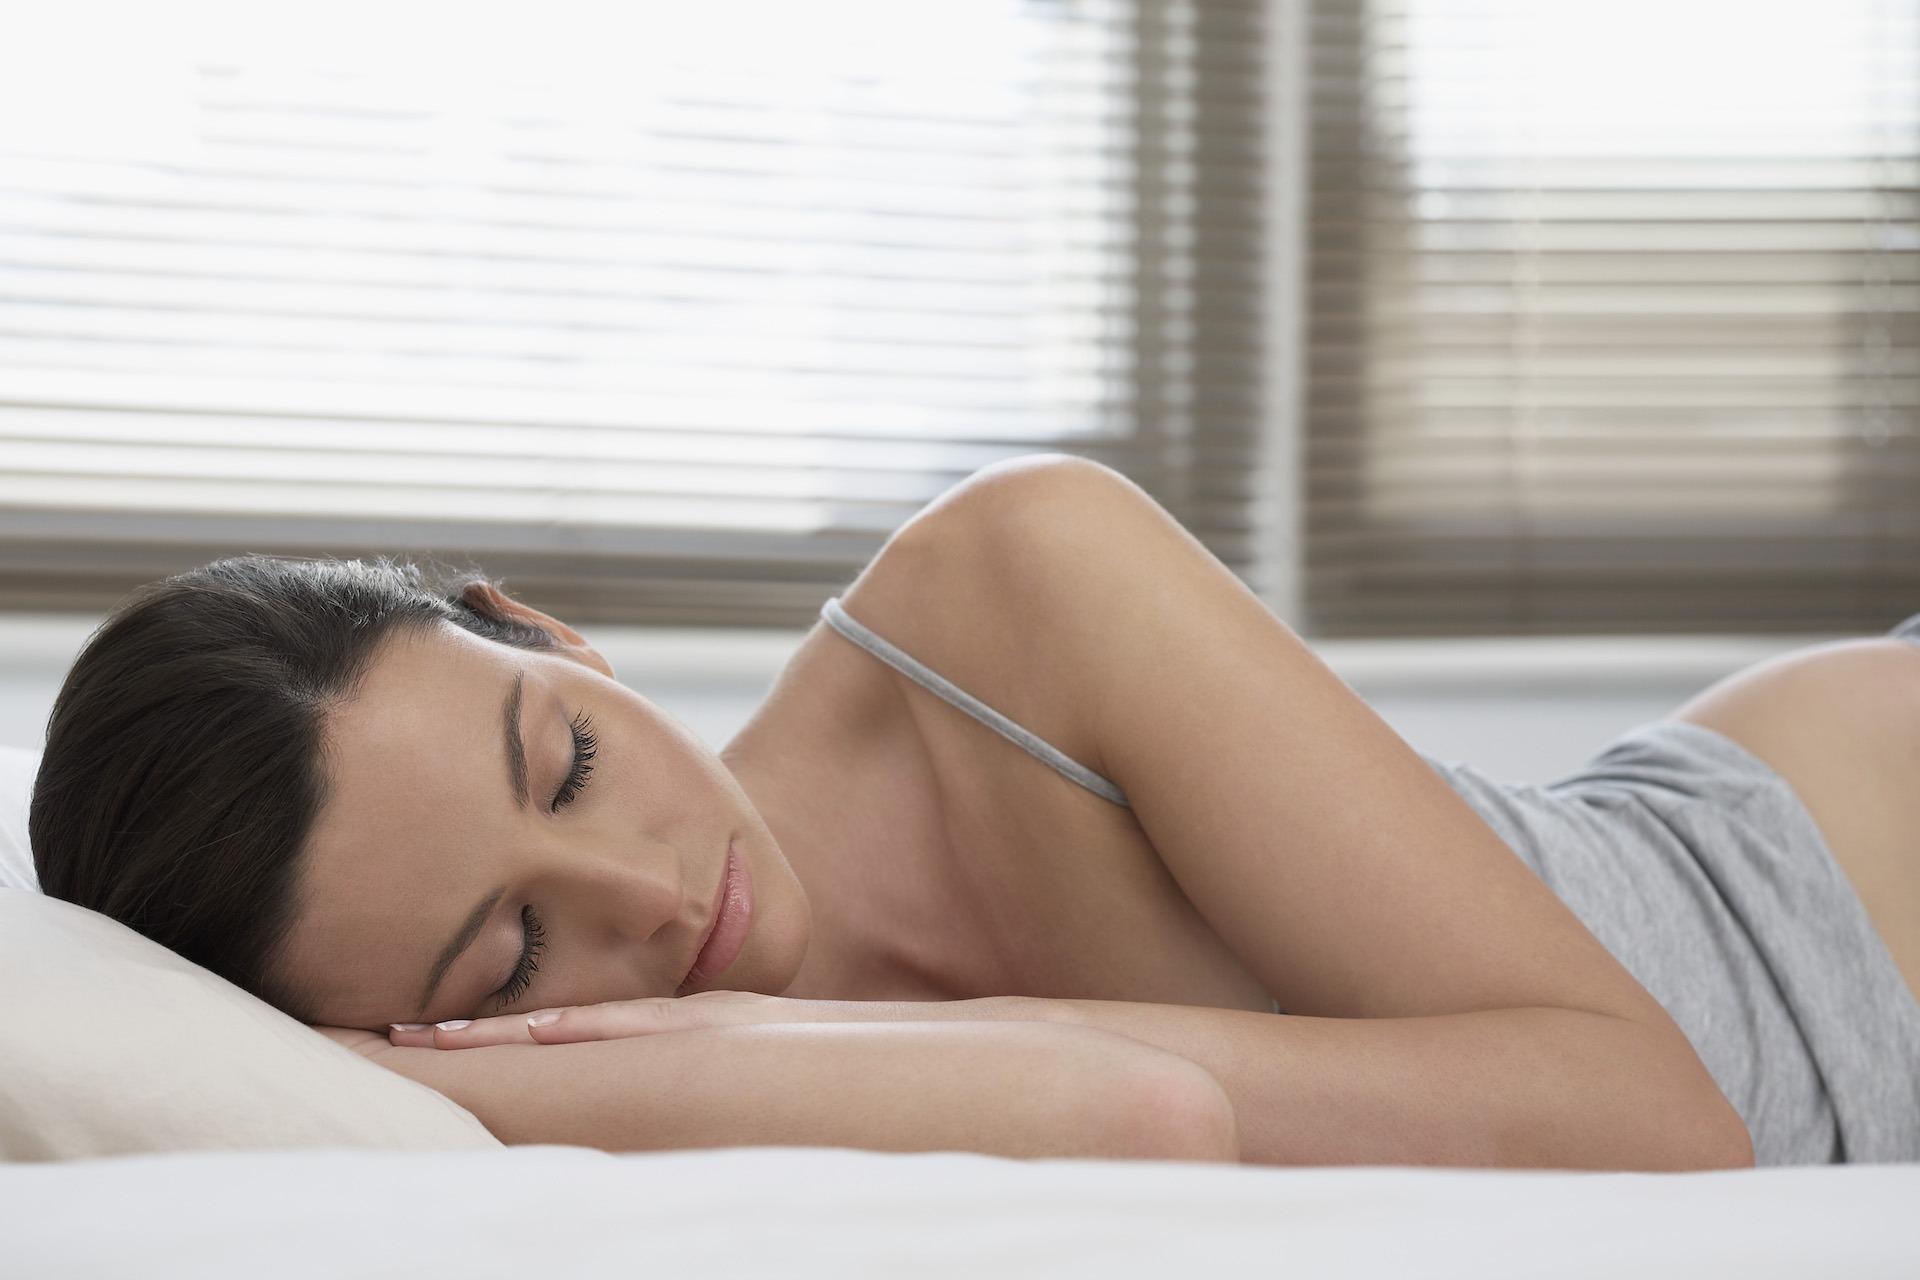 Des médicaments sans ordonnance pour dormir existent-ils ?